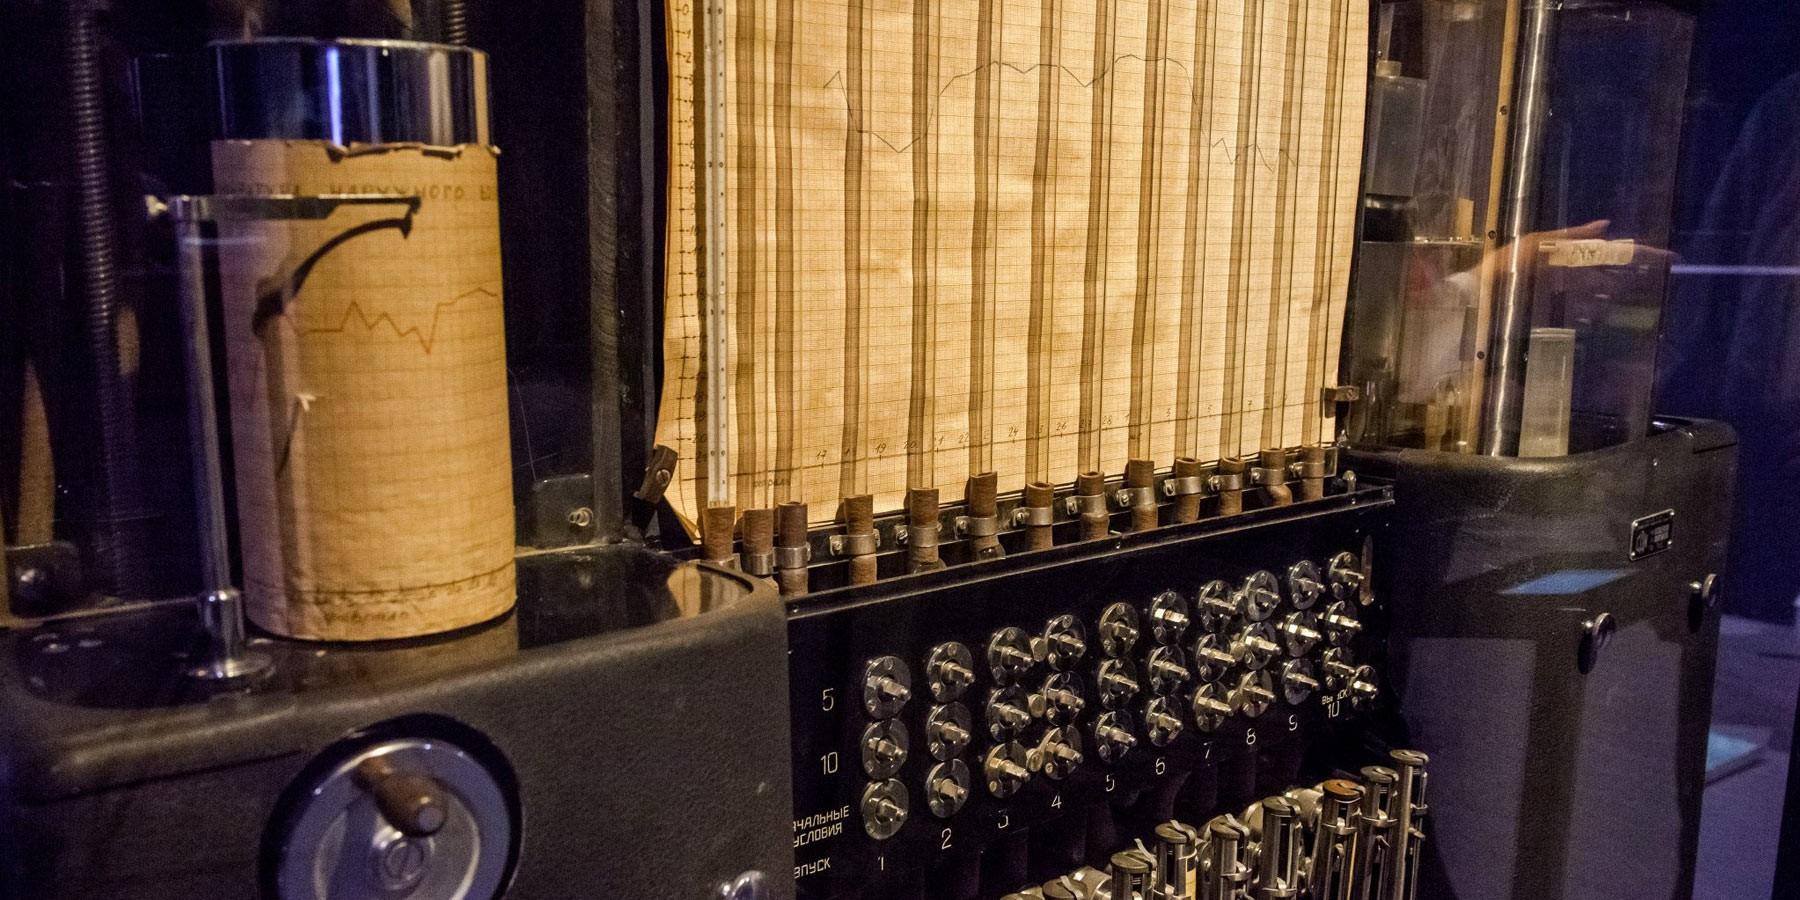 Скупка ПК, скупка ноутбуков в Спб - В 1936 году в России был создан аналоговый компьютер, который работал на воде. -